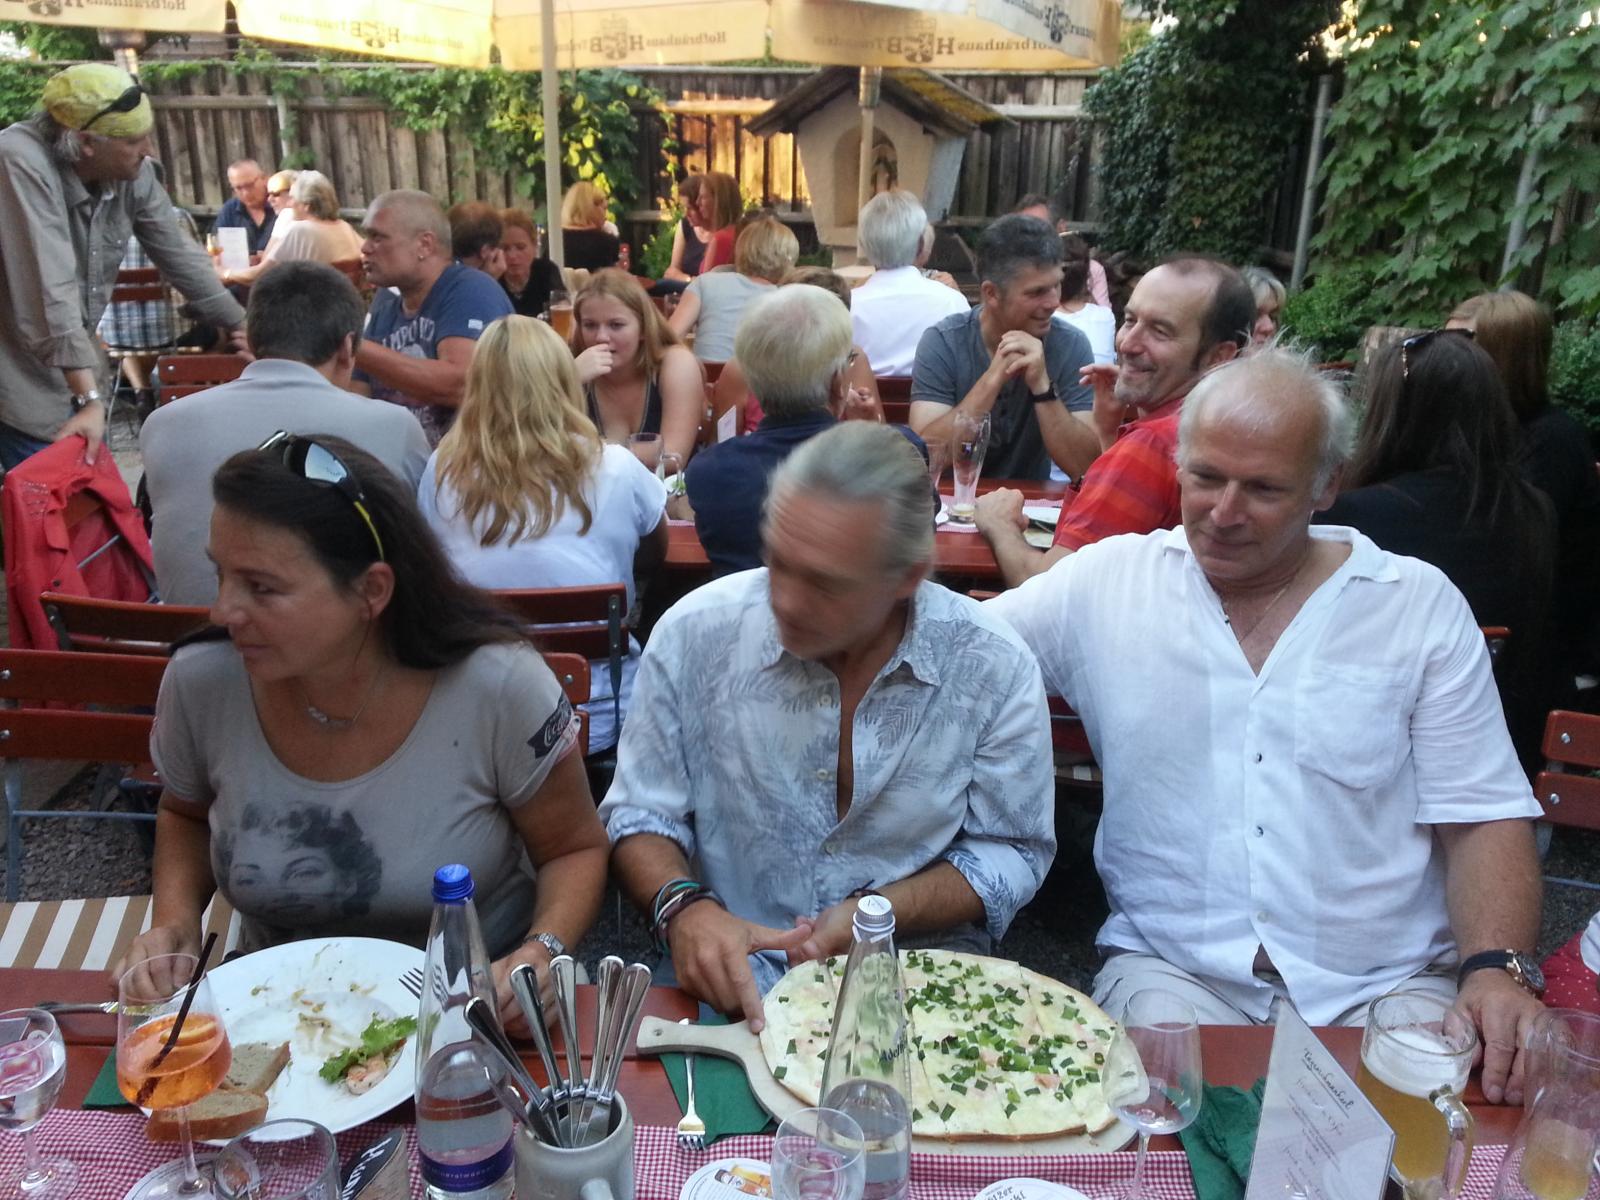 2017-07-05_Carpassion-Muenchen_Dorfschenk